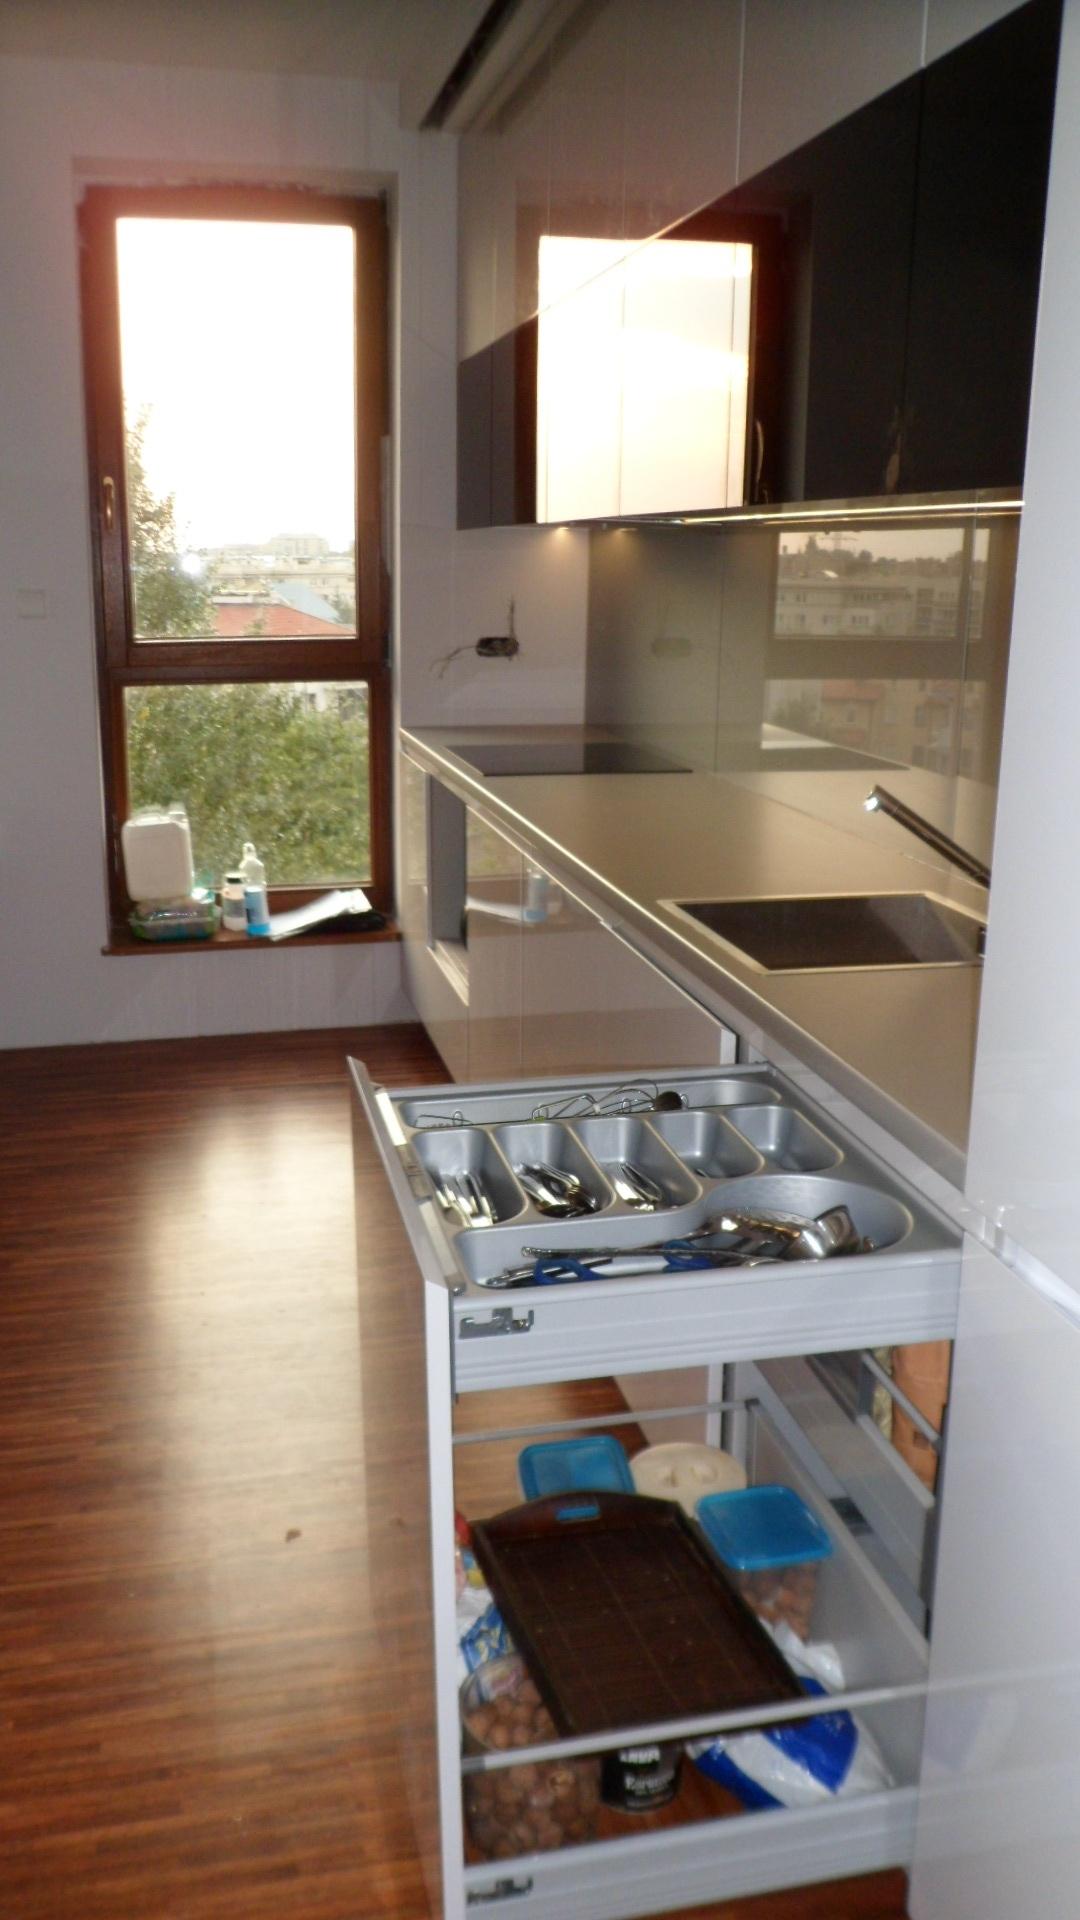 Nowoczesne meble kuchenne lakierowane, czarne meble kuchenne, białe kuchnie zdjęcia,